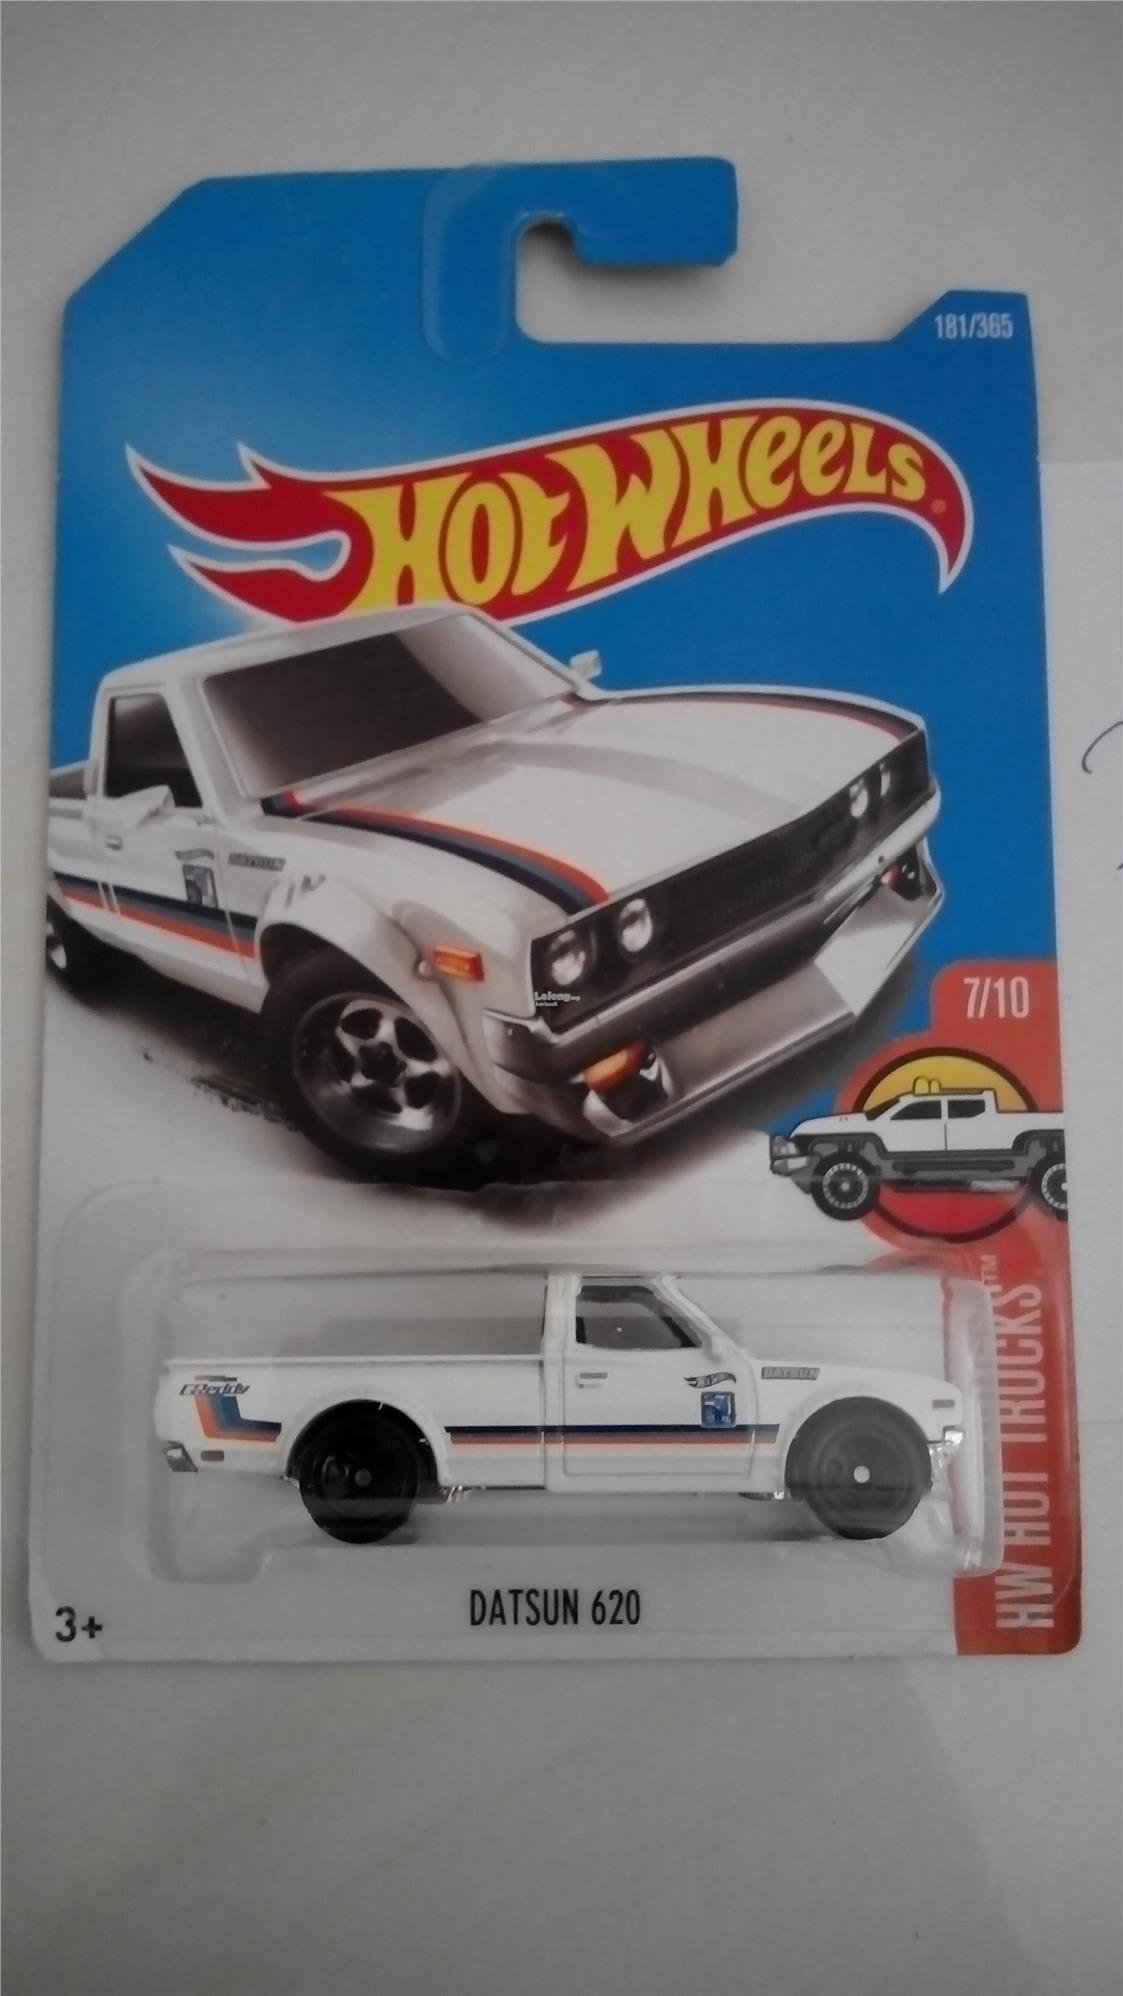 Hot Wheels Hw Datsun 620 White End 5 14 2019 4 15 Pm